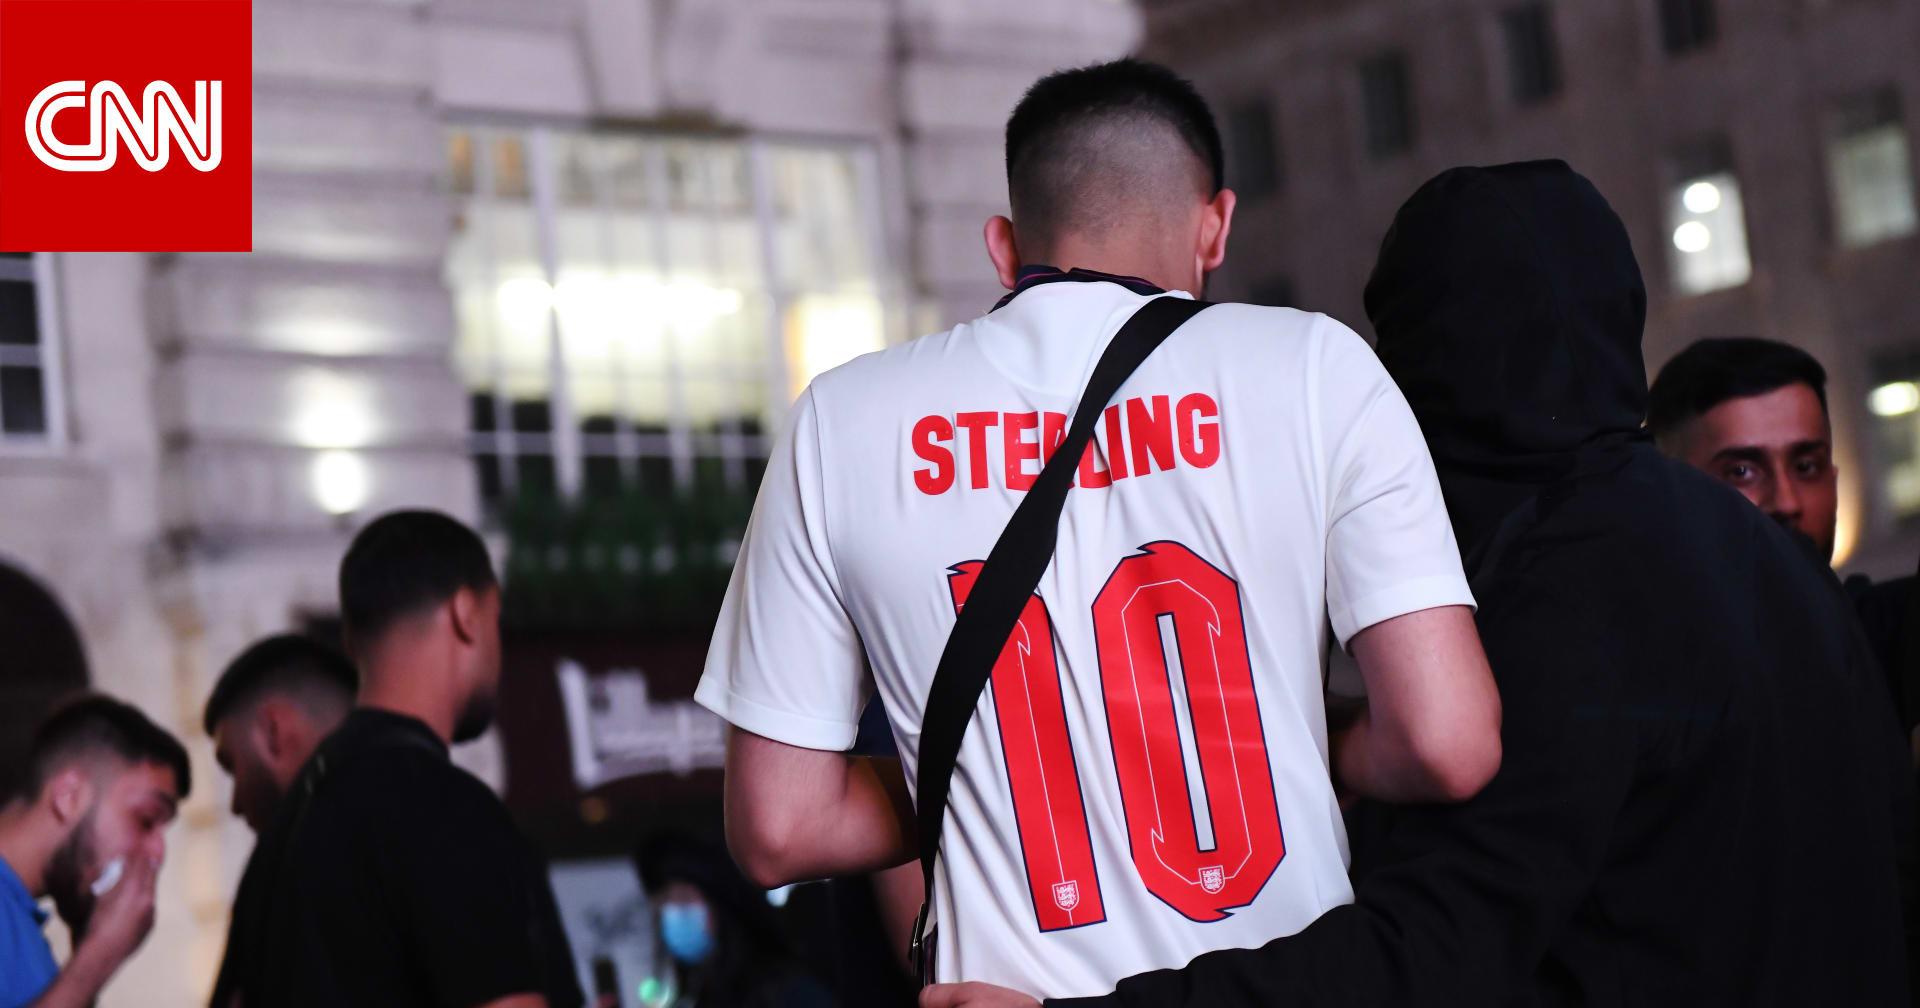 مشجعون إنجليز يعتدون على إيطاليين.. مقطع فيديو يثير غضبا واسعا